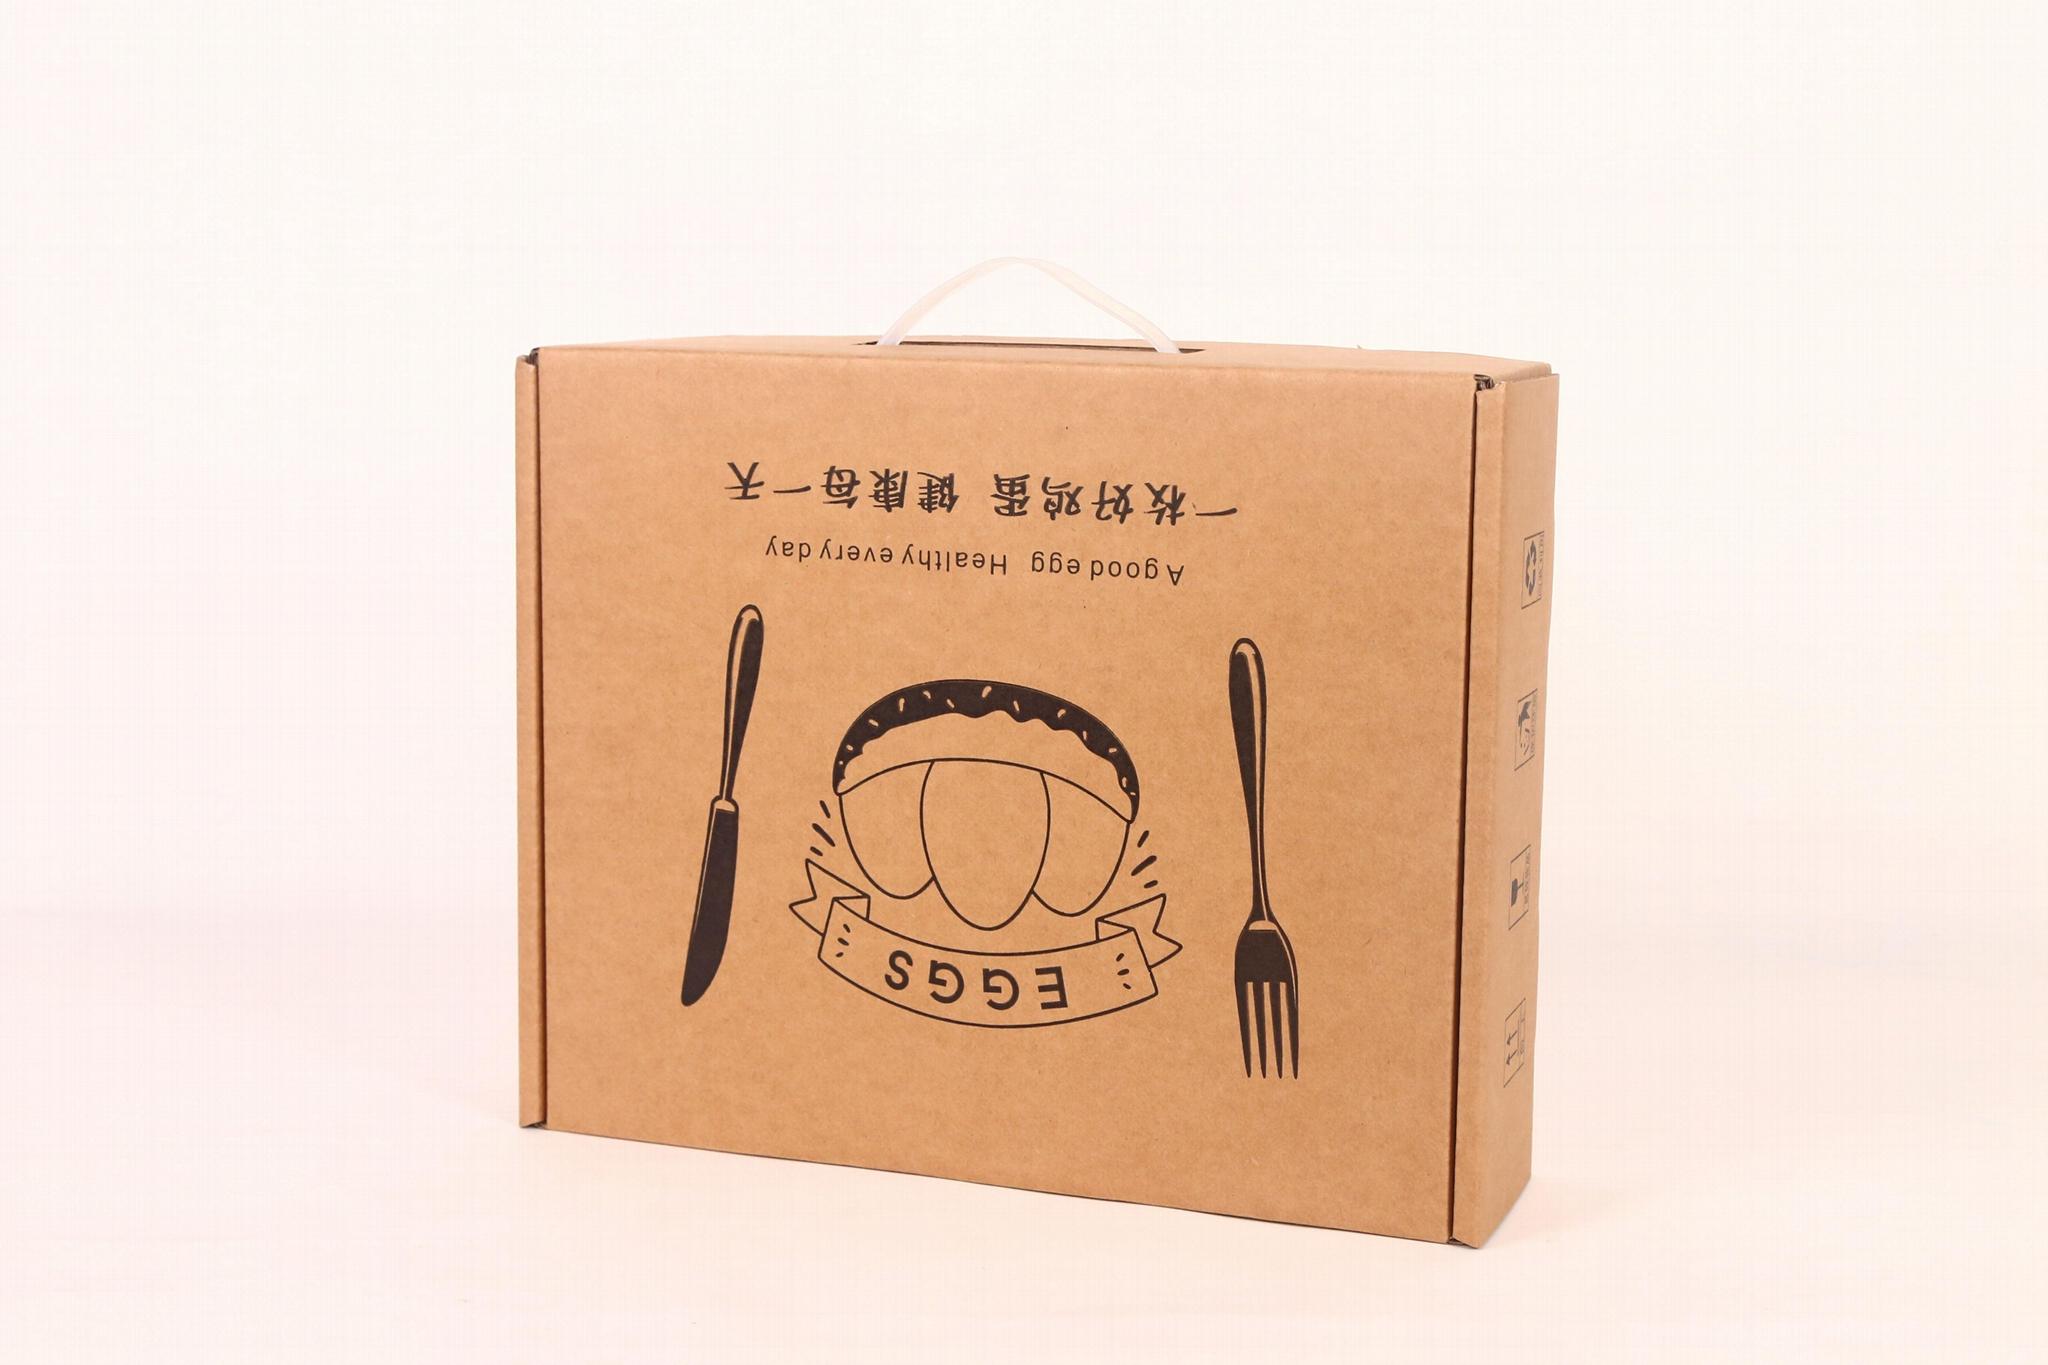 30枚雞蛋現貨通用手提飛機盒快遞包裝箱牛皮紙珍珠棉內托禮品盒 2